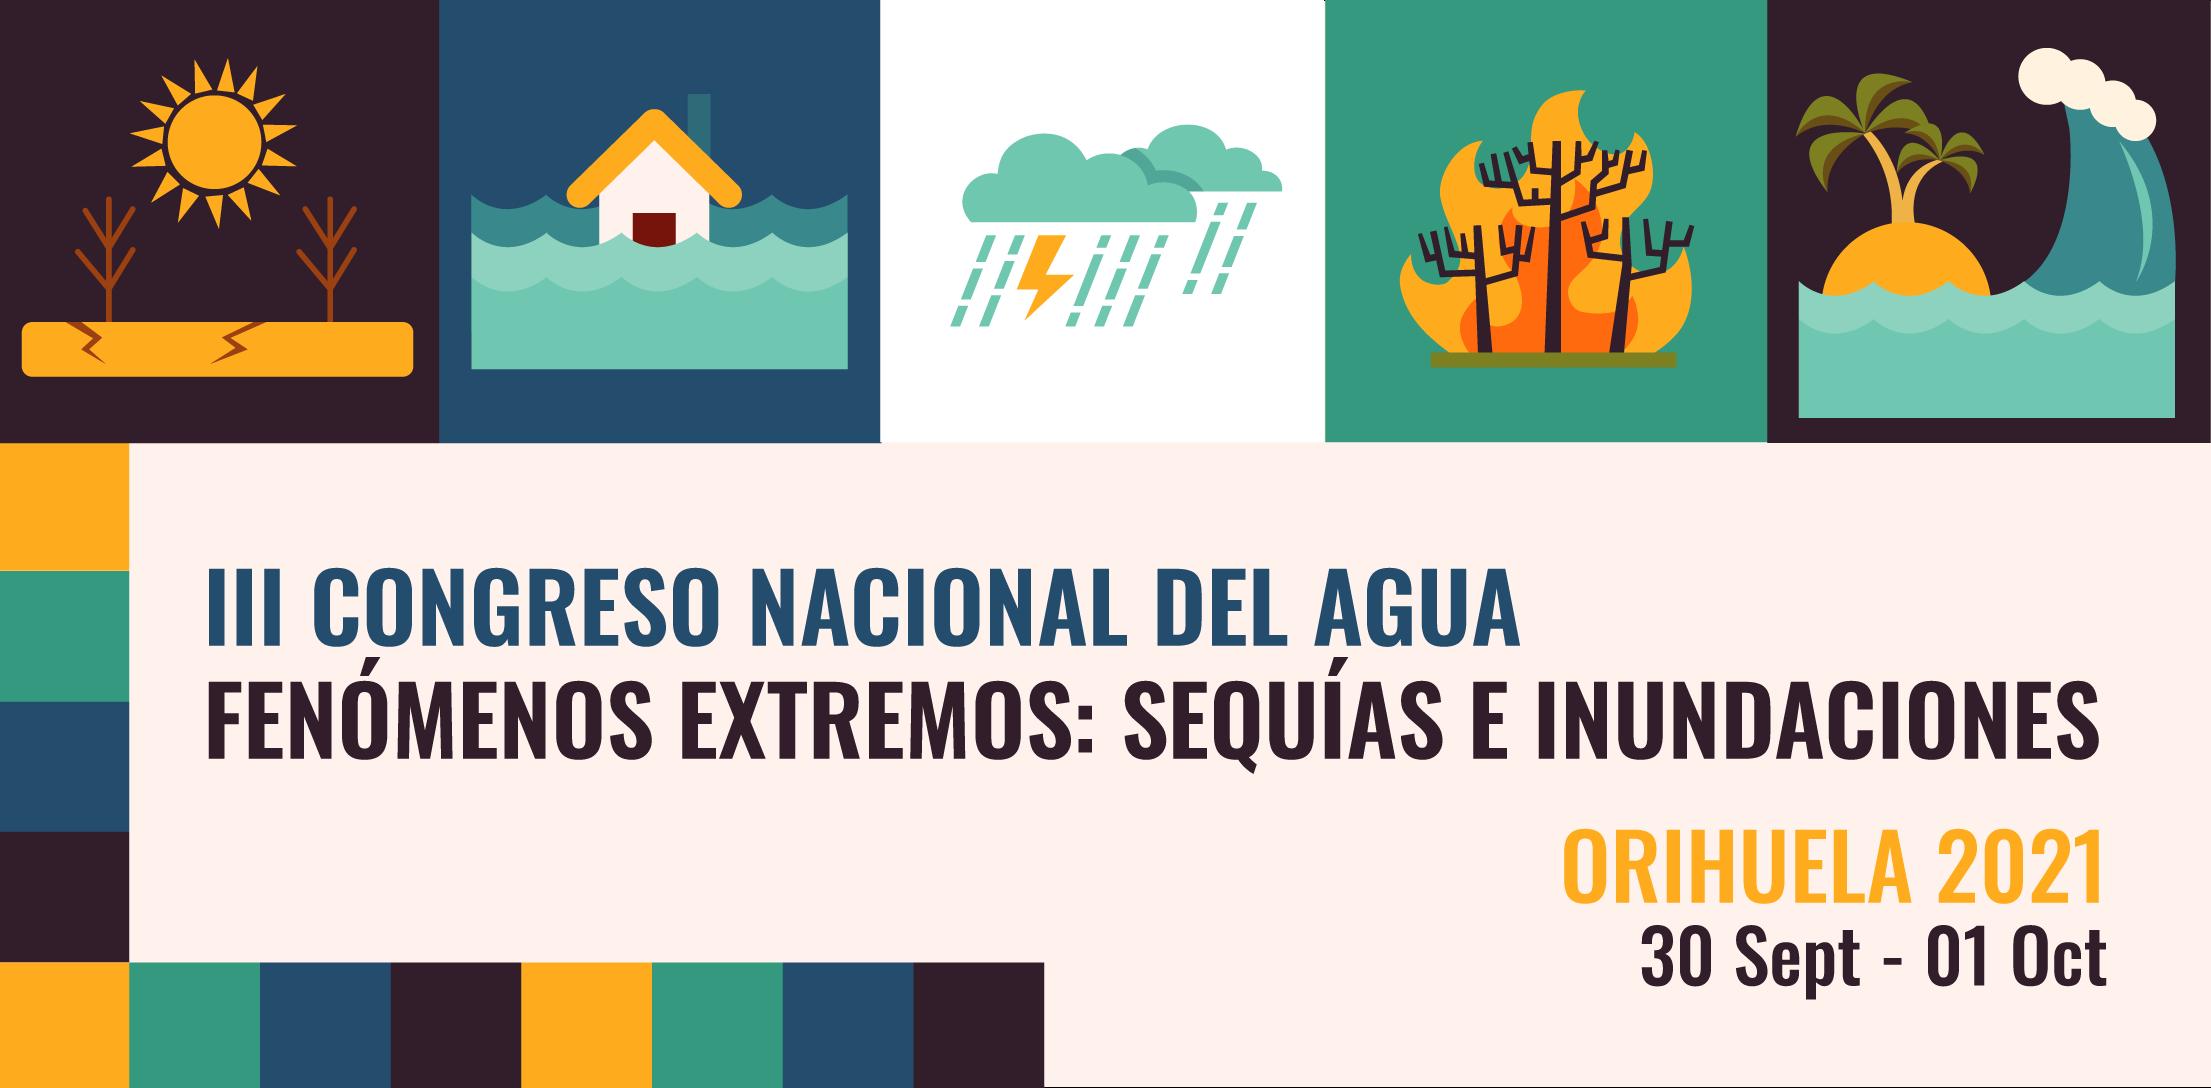 III Congreso Nacional del Agua. Fenómenos extremos: sequías e inundaciones